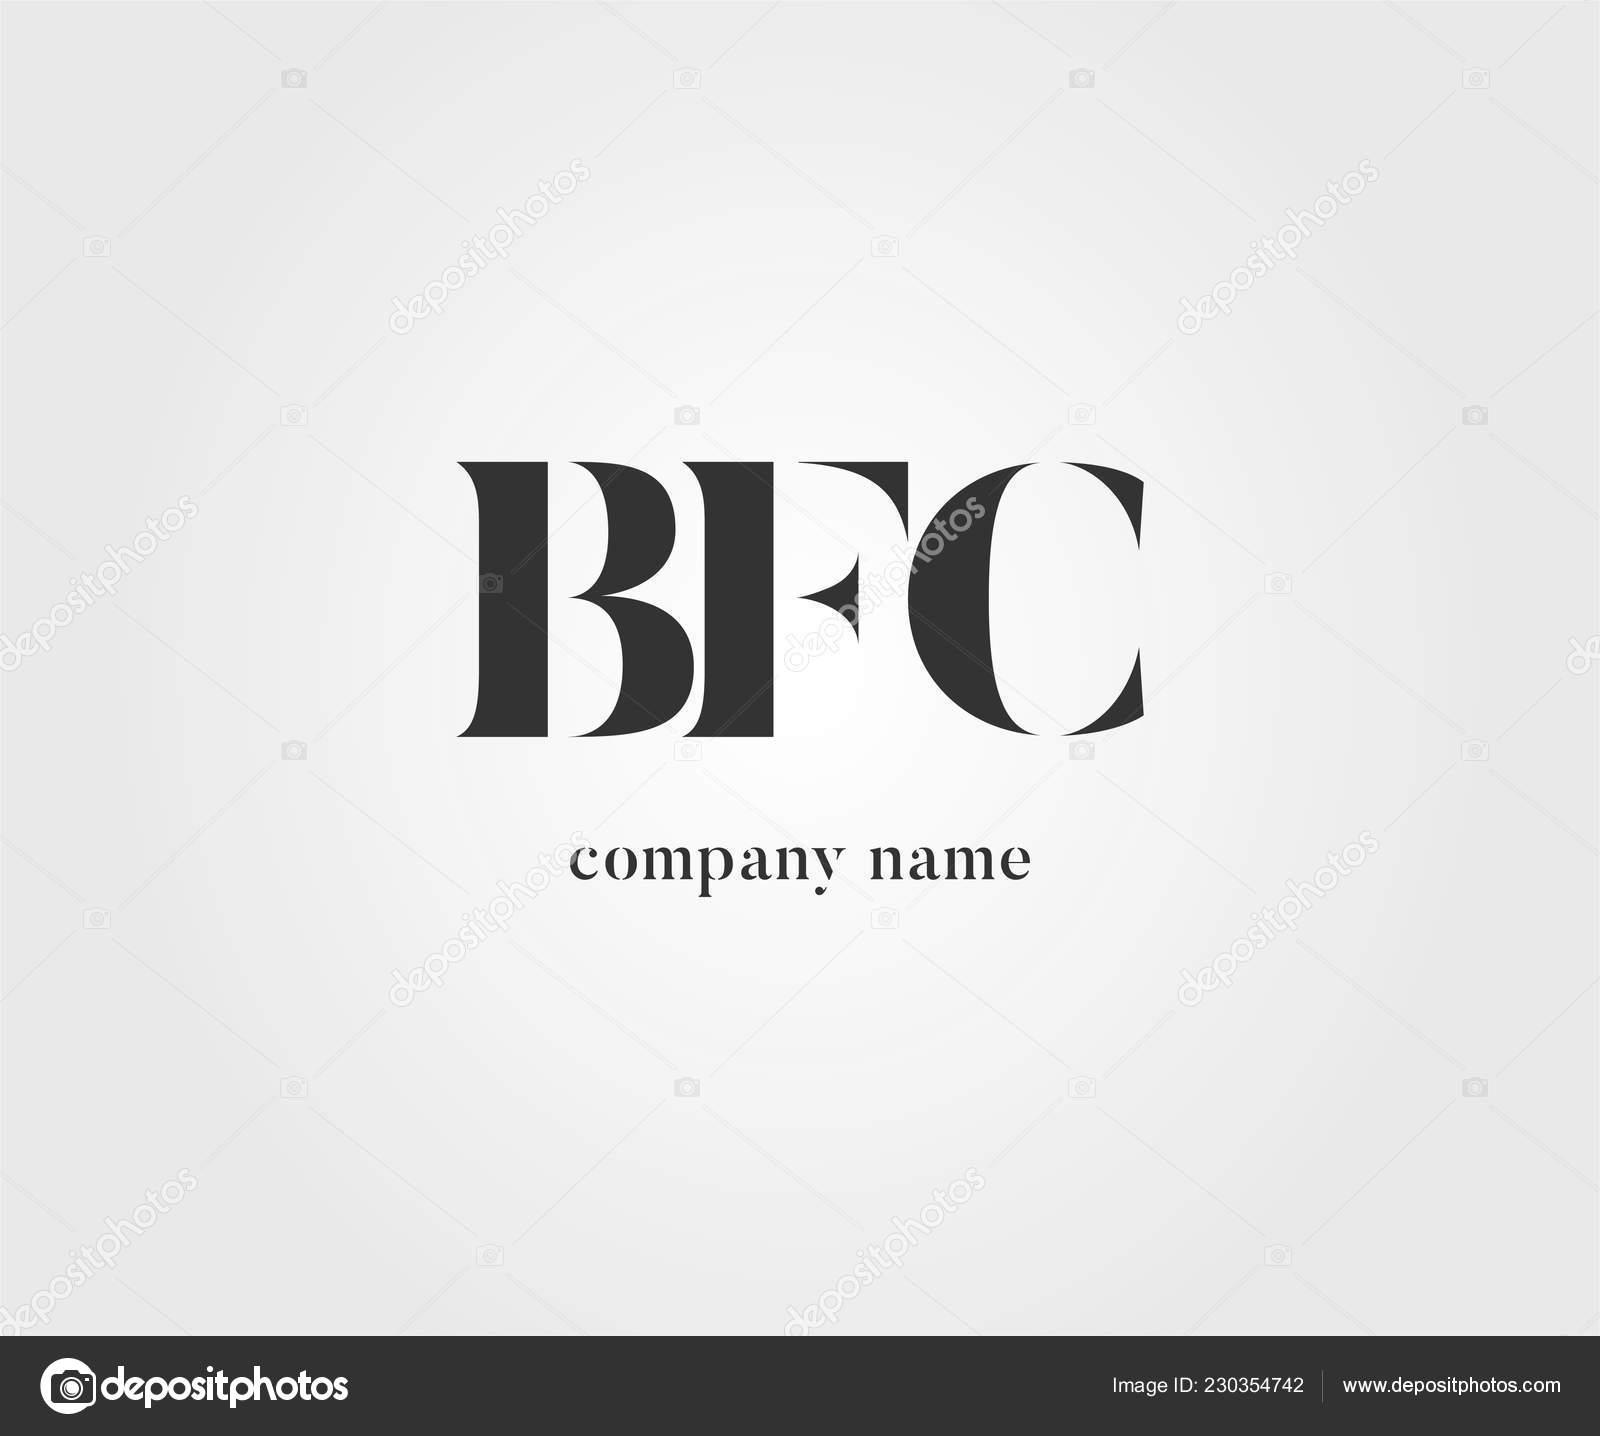 Gemeinsame Bfc Logo Für Visitenkarten Vorlage Vektor